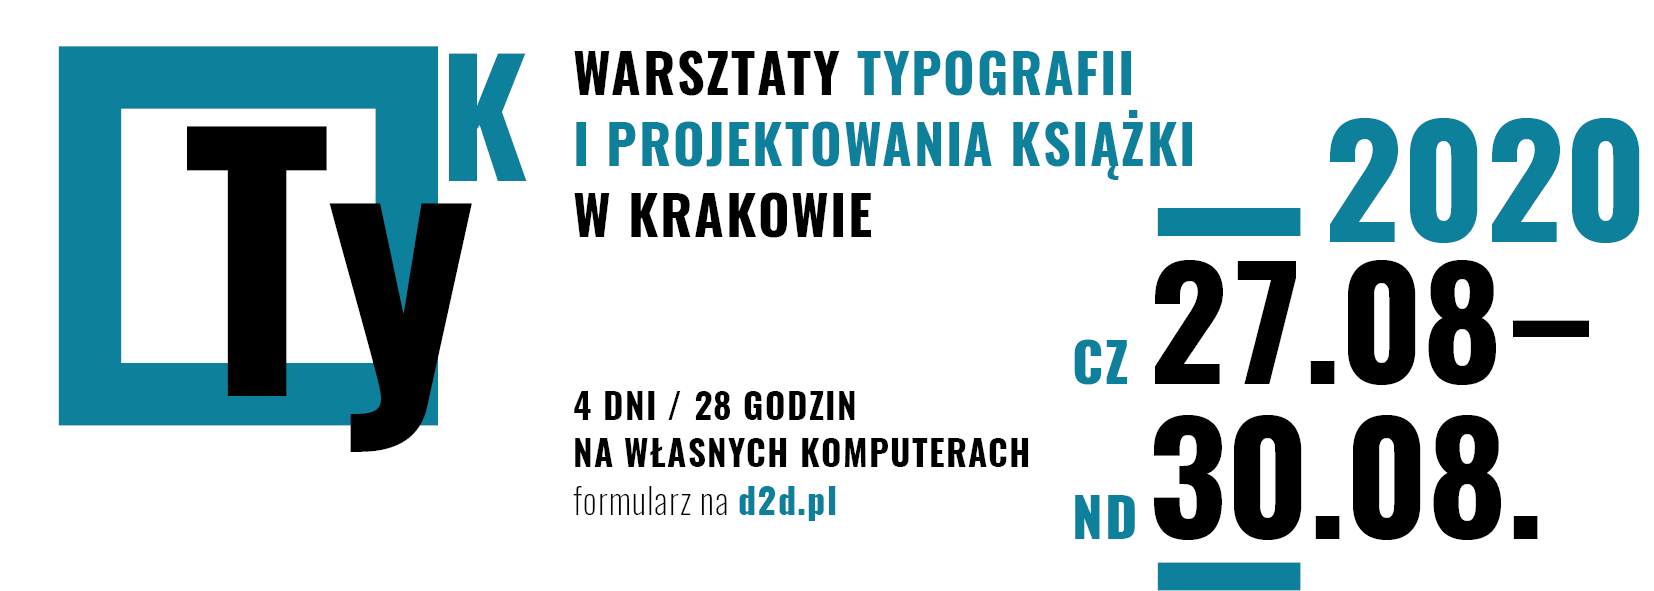 Warsztaty Typografii i Projektowania Książki